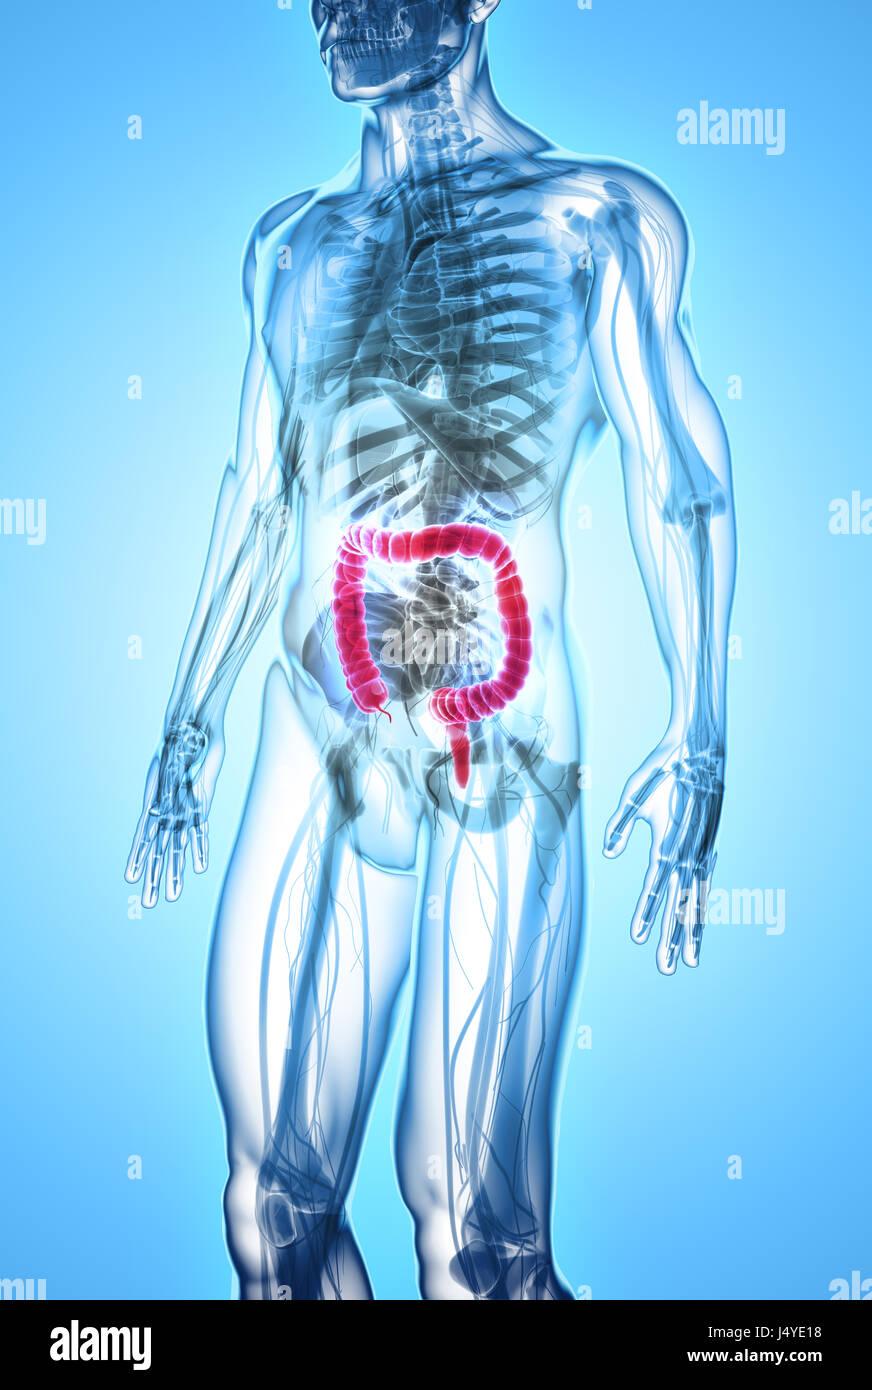 Berühmt Menschliche Anatomie Des Verdauungssystems Bilder ...